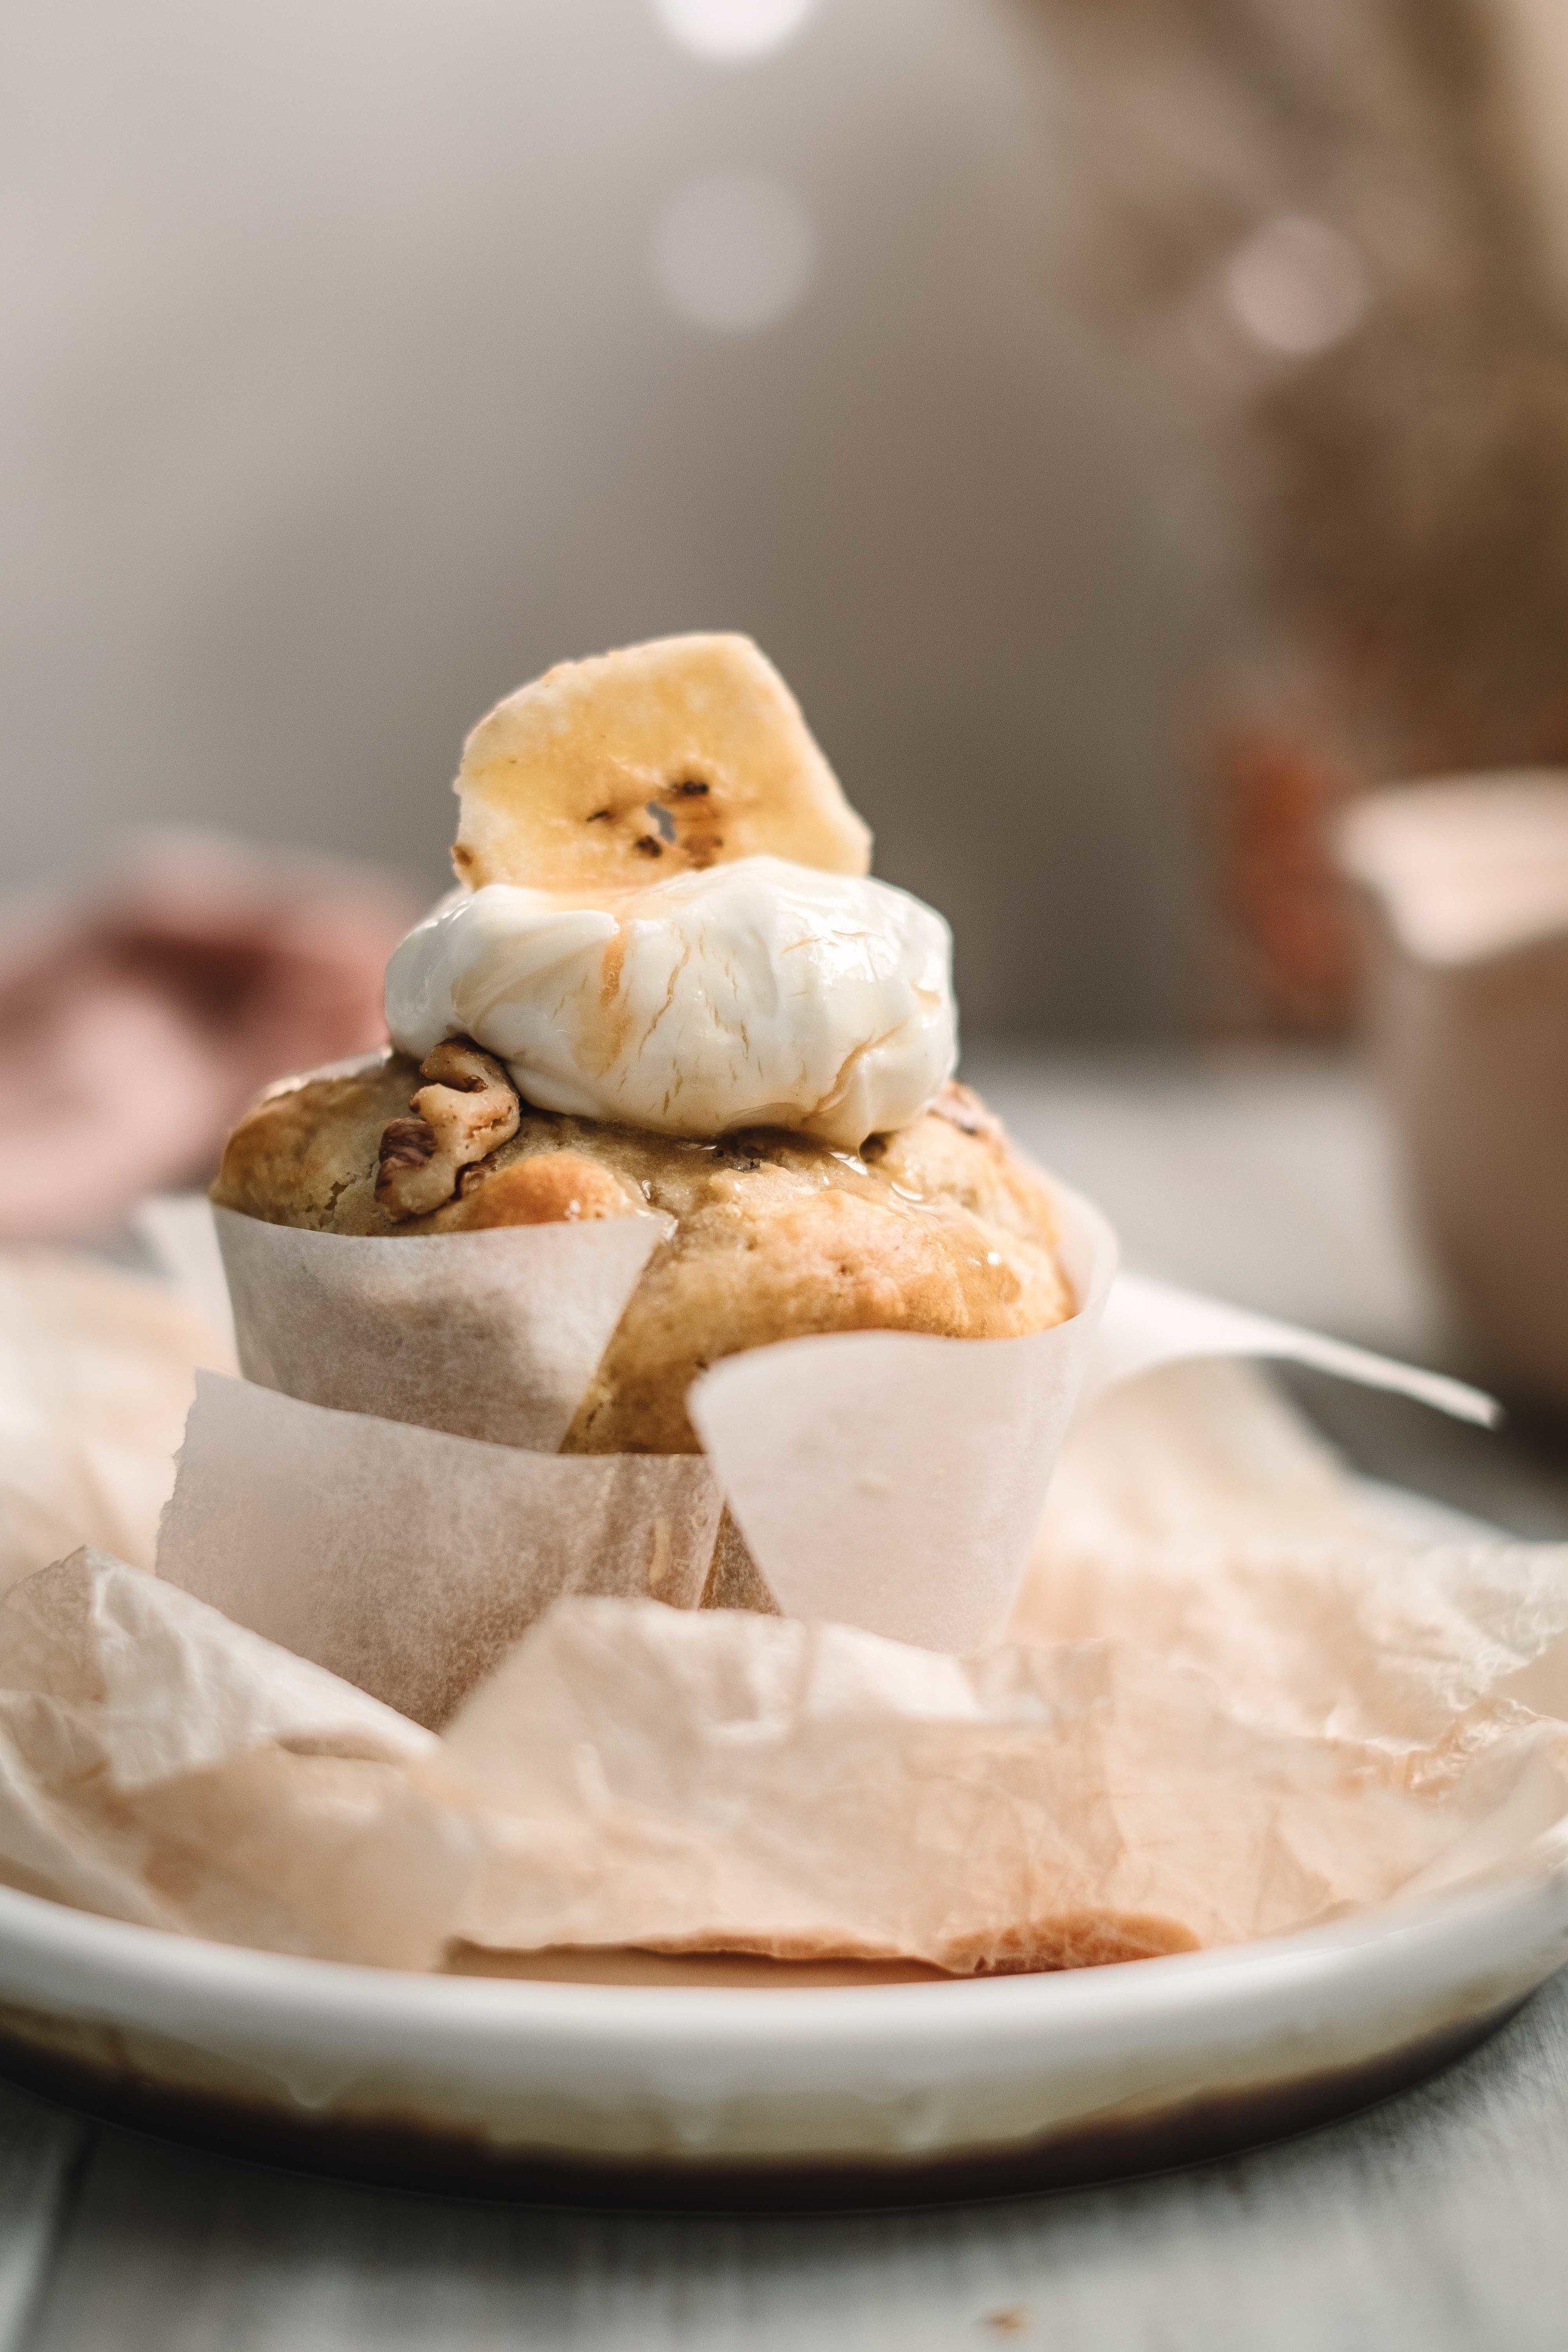 muffins (1 of 2).jpg